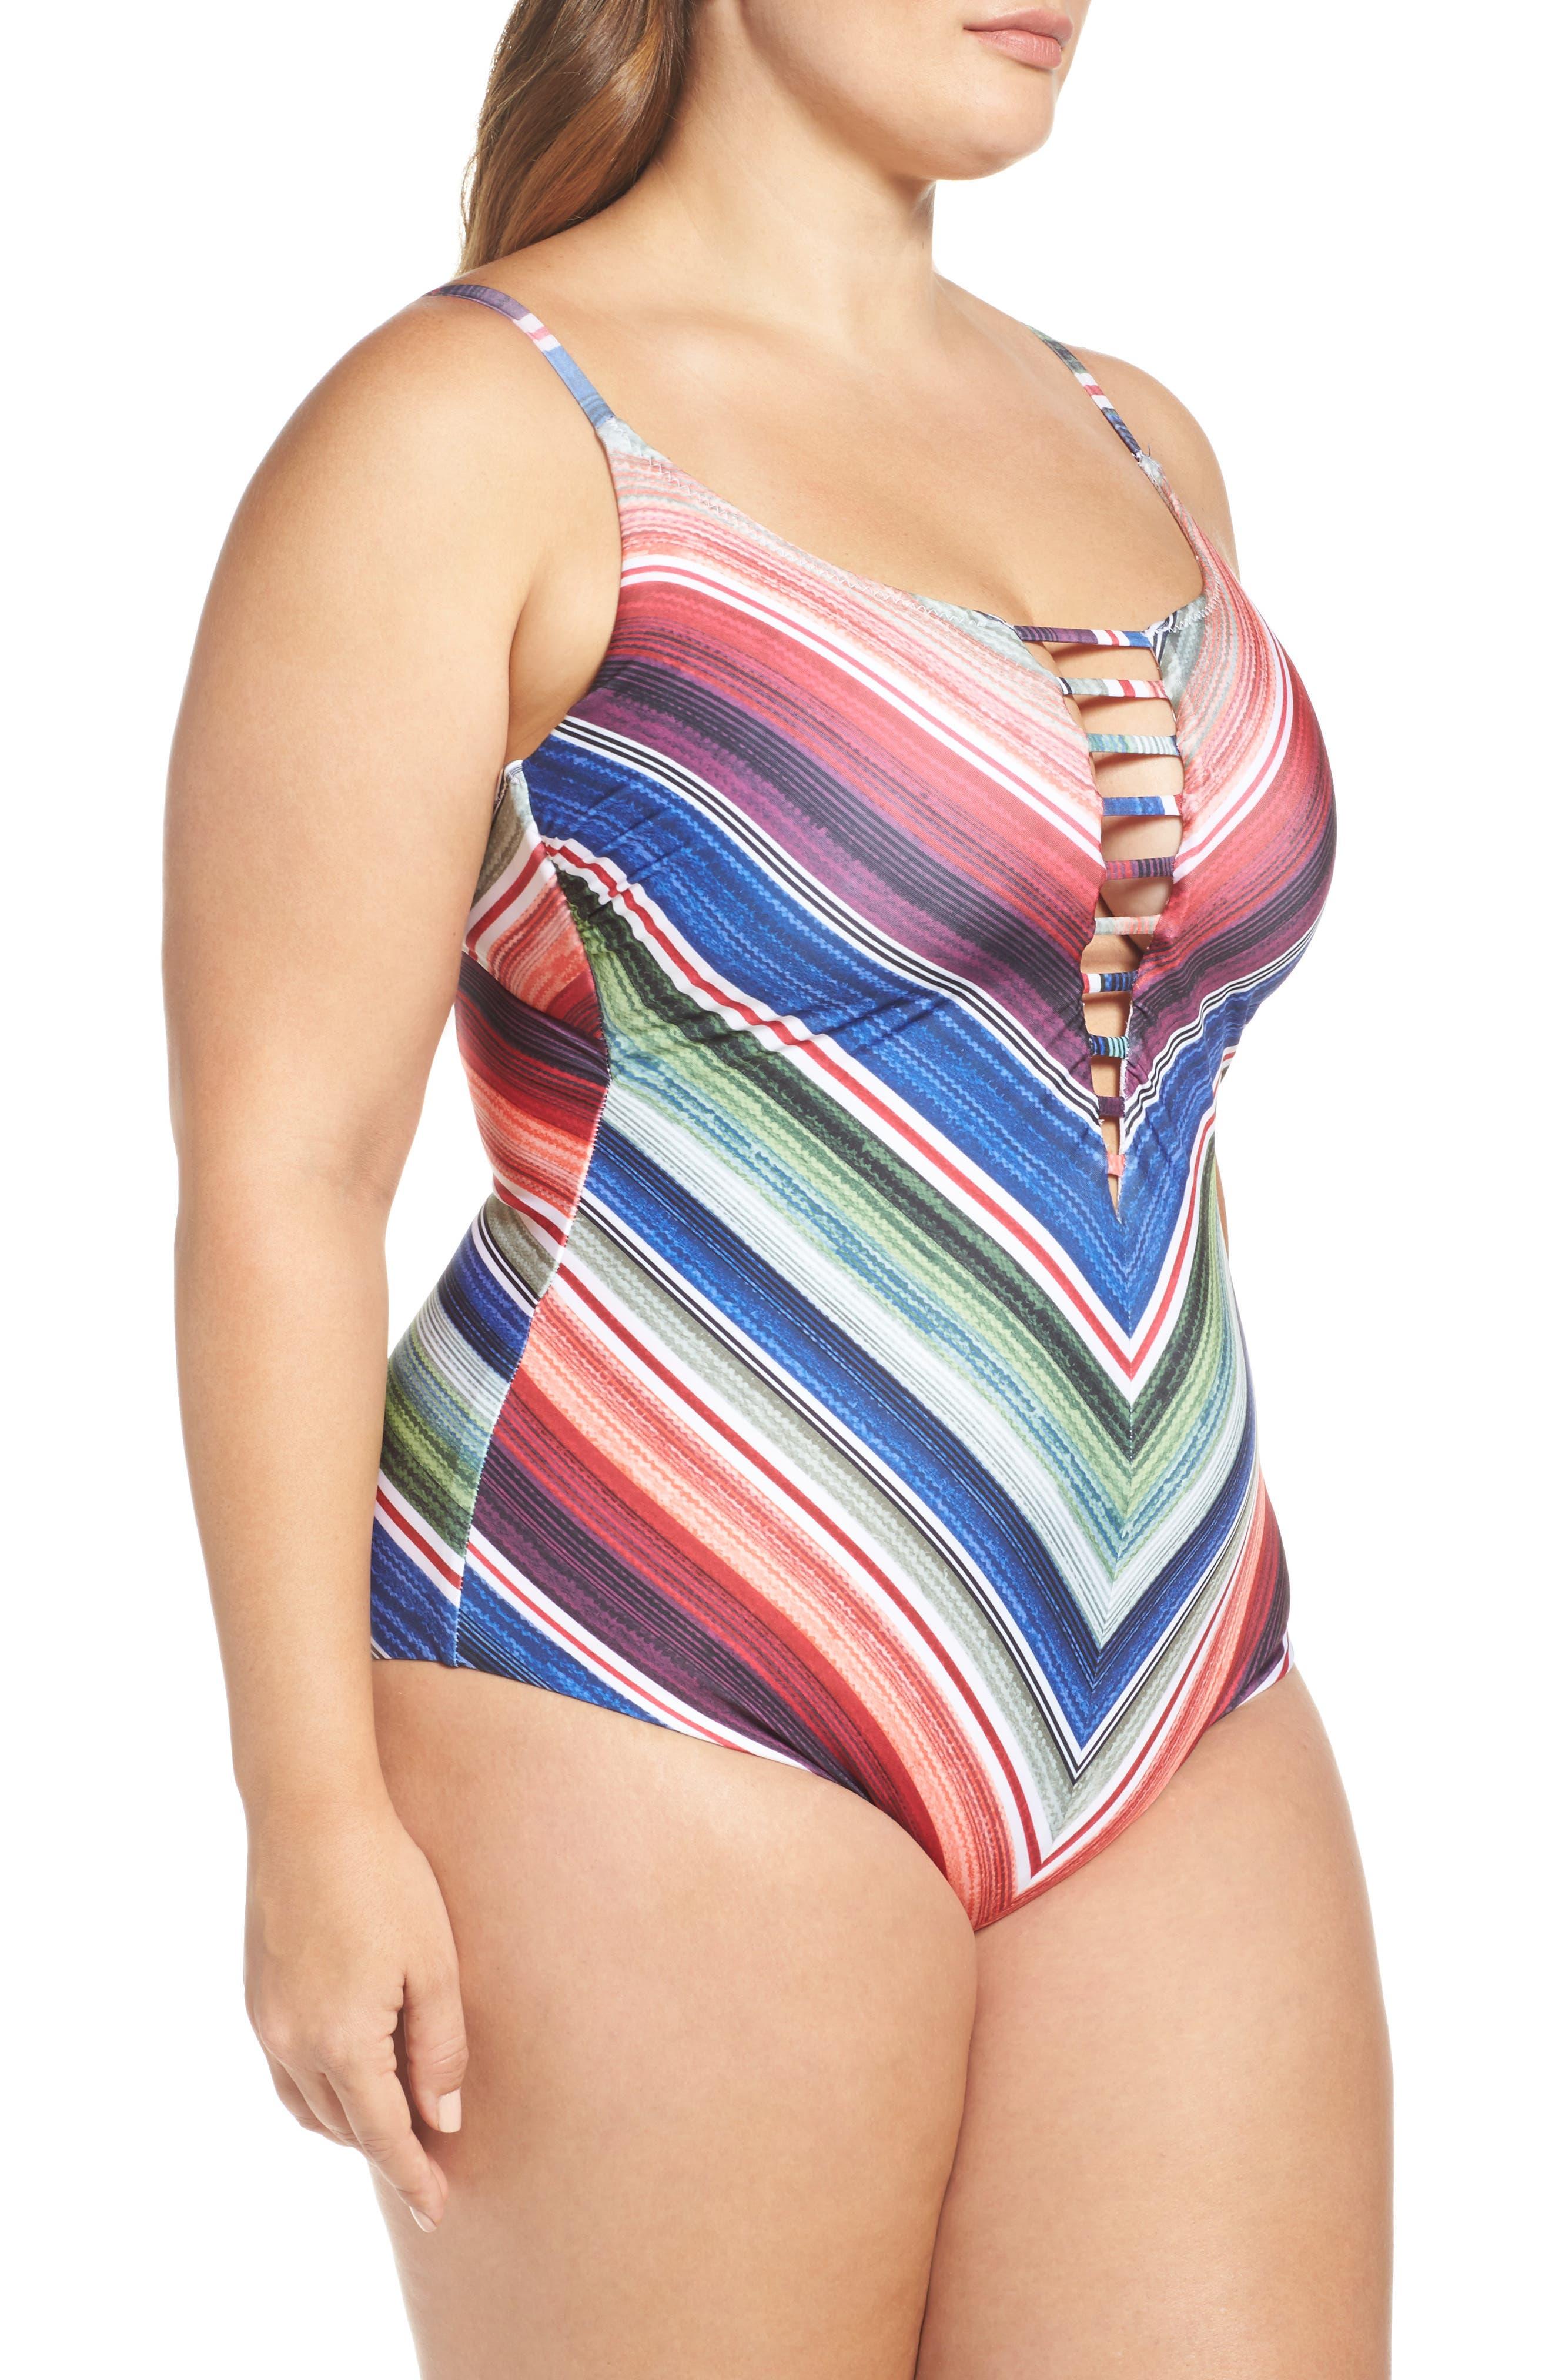 West Village One-Piece Swimsuit,                             Alternate thumbnail 3, color,                             400